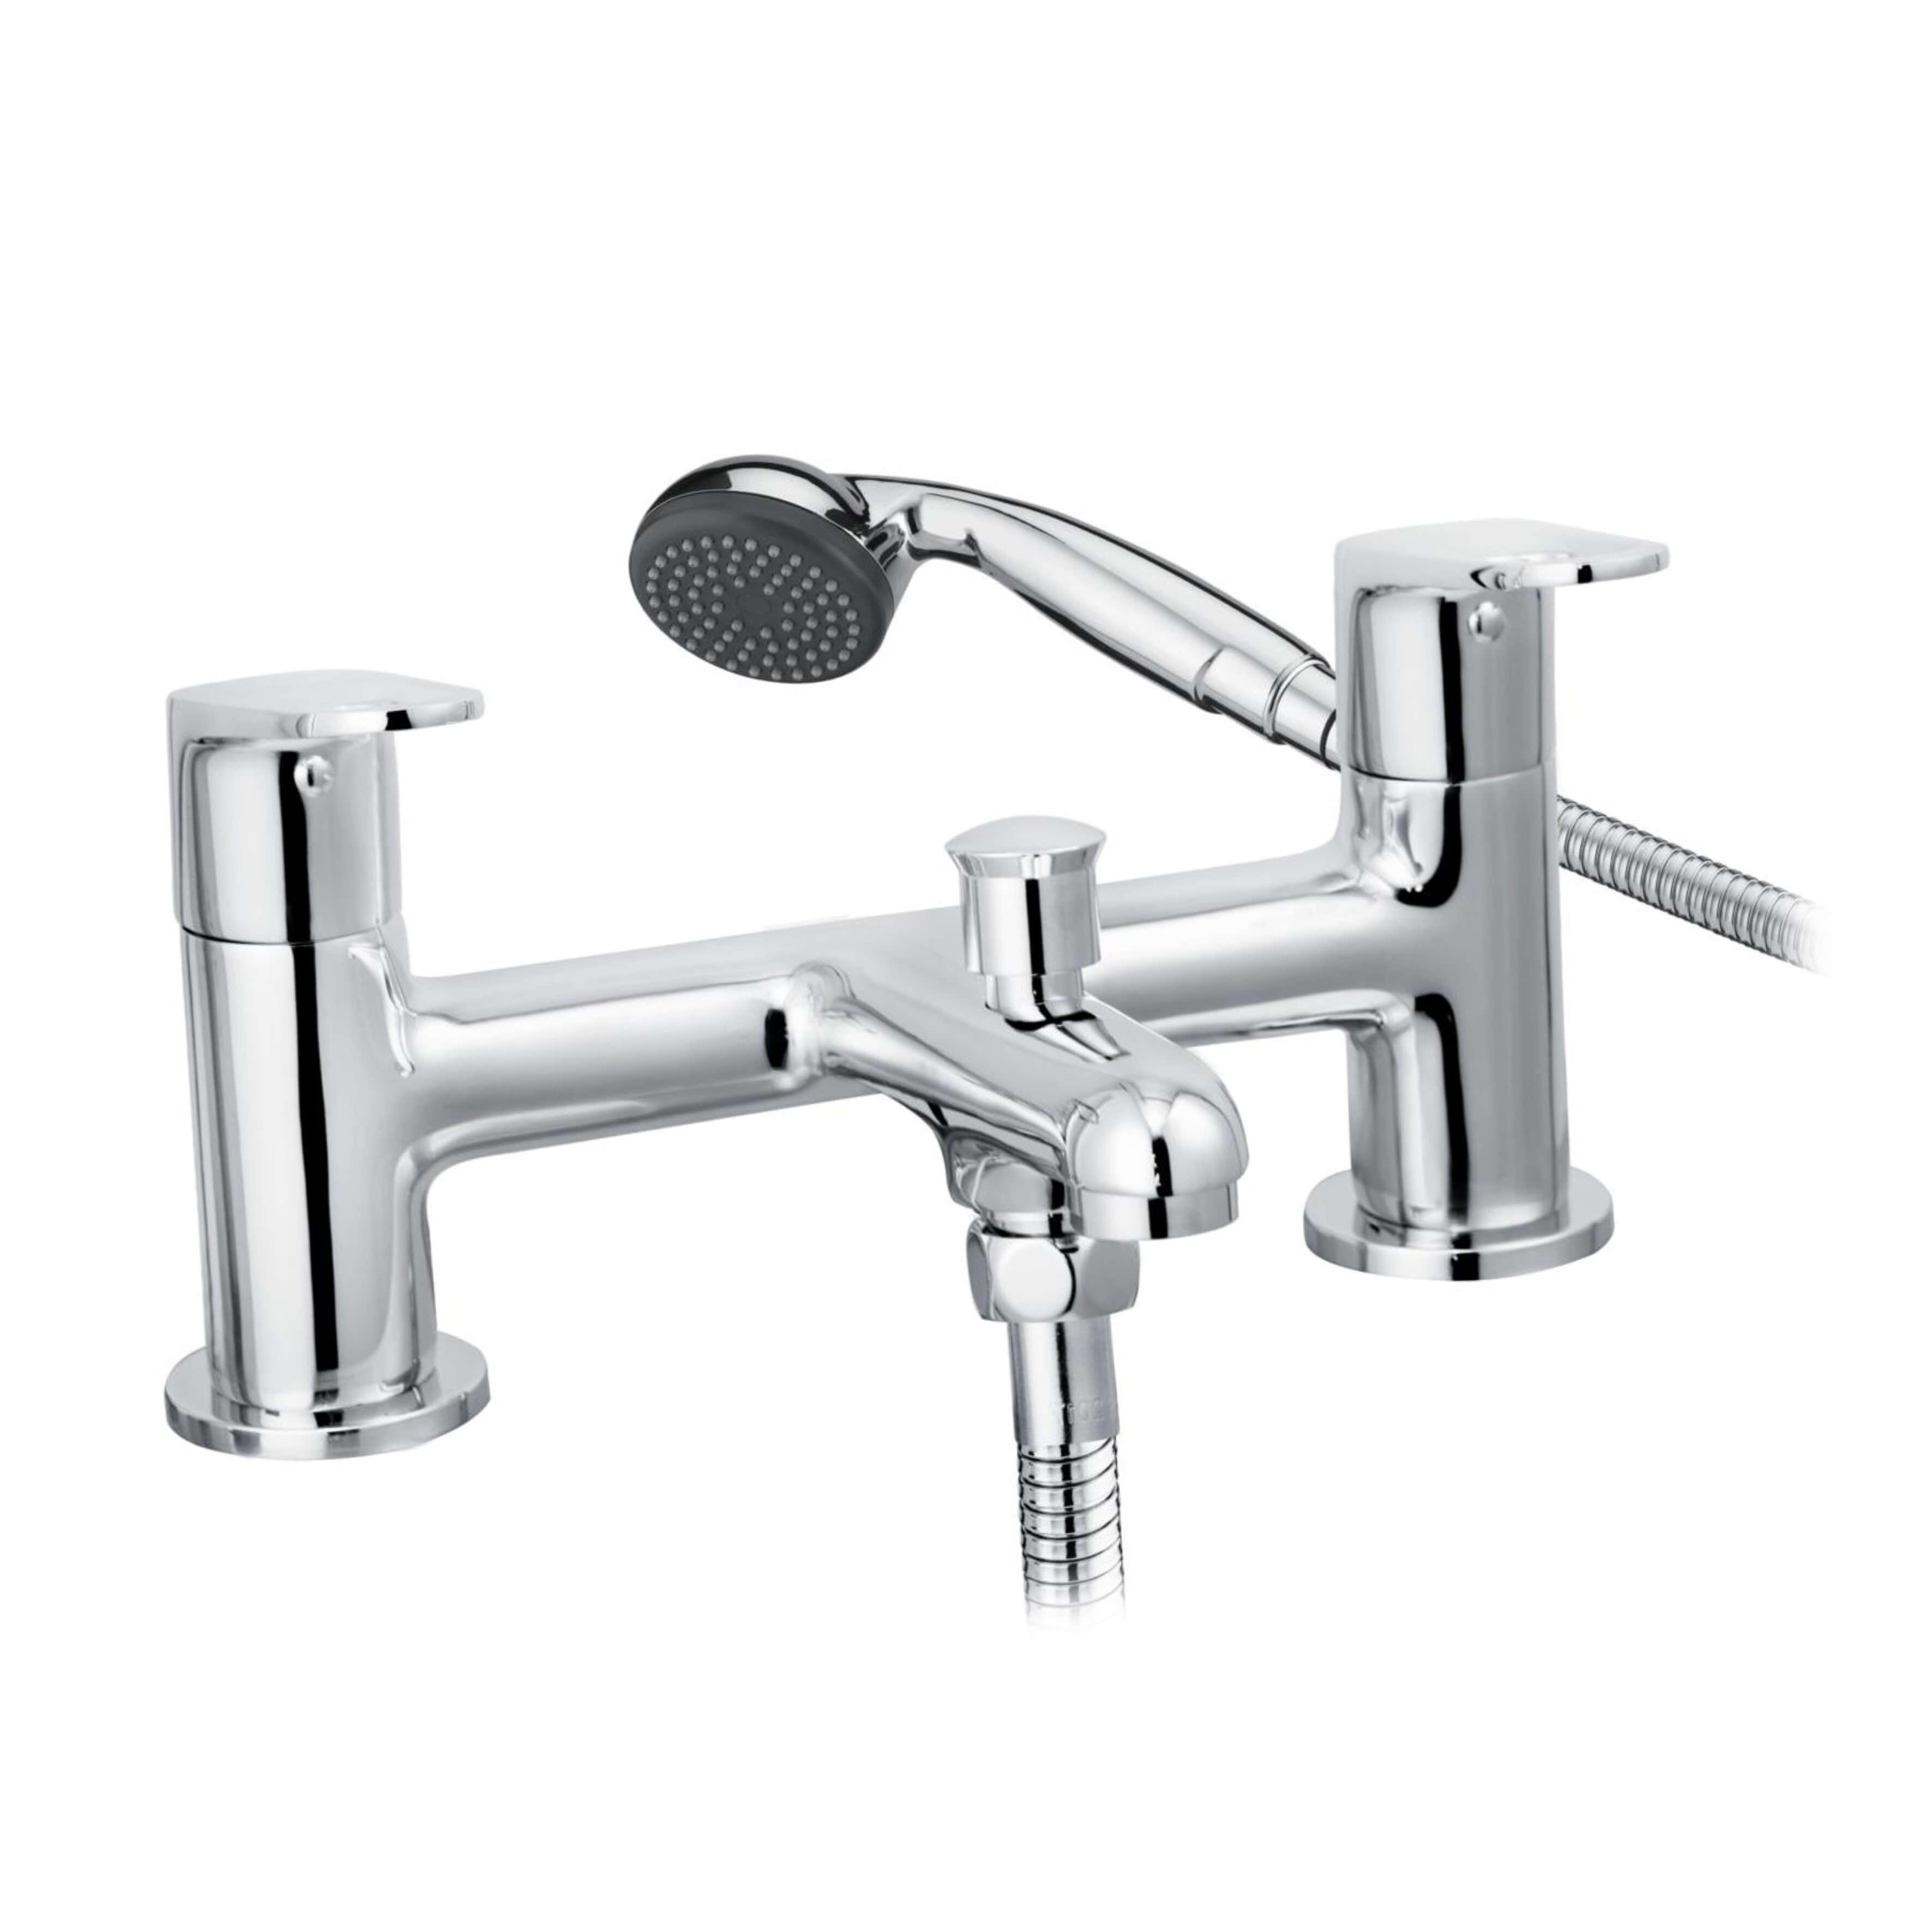 Cascade Spiral Bath Shower Mixer Chrome 001.21913.3